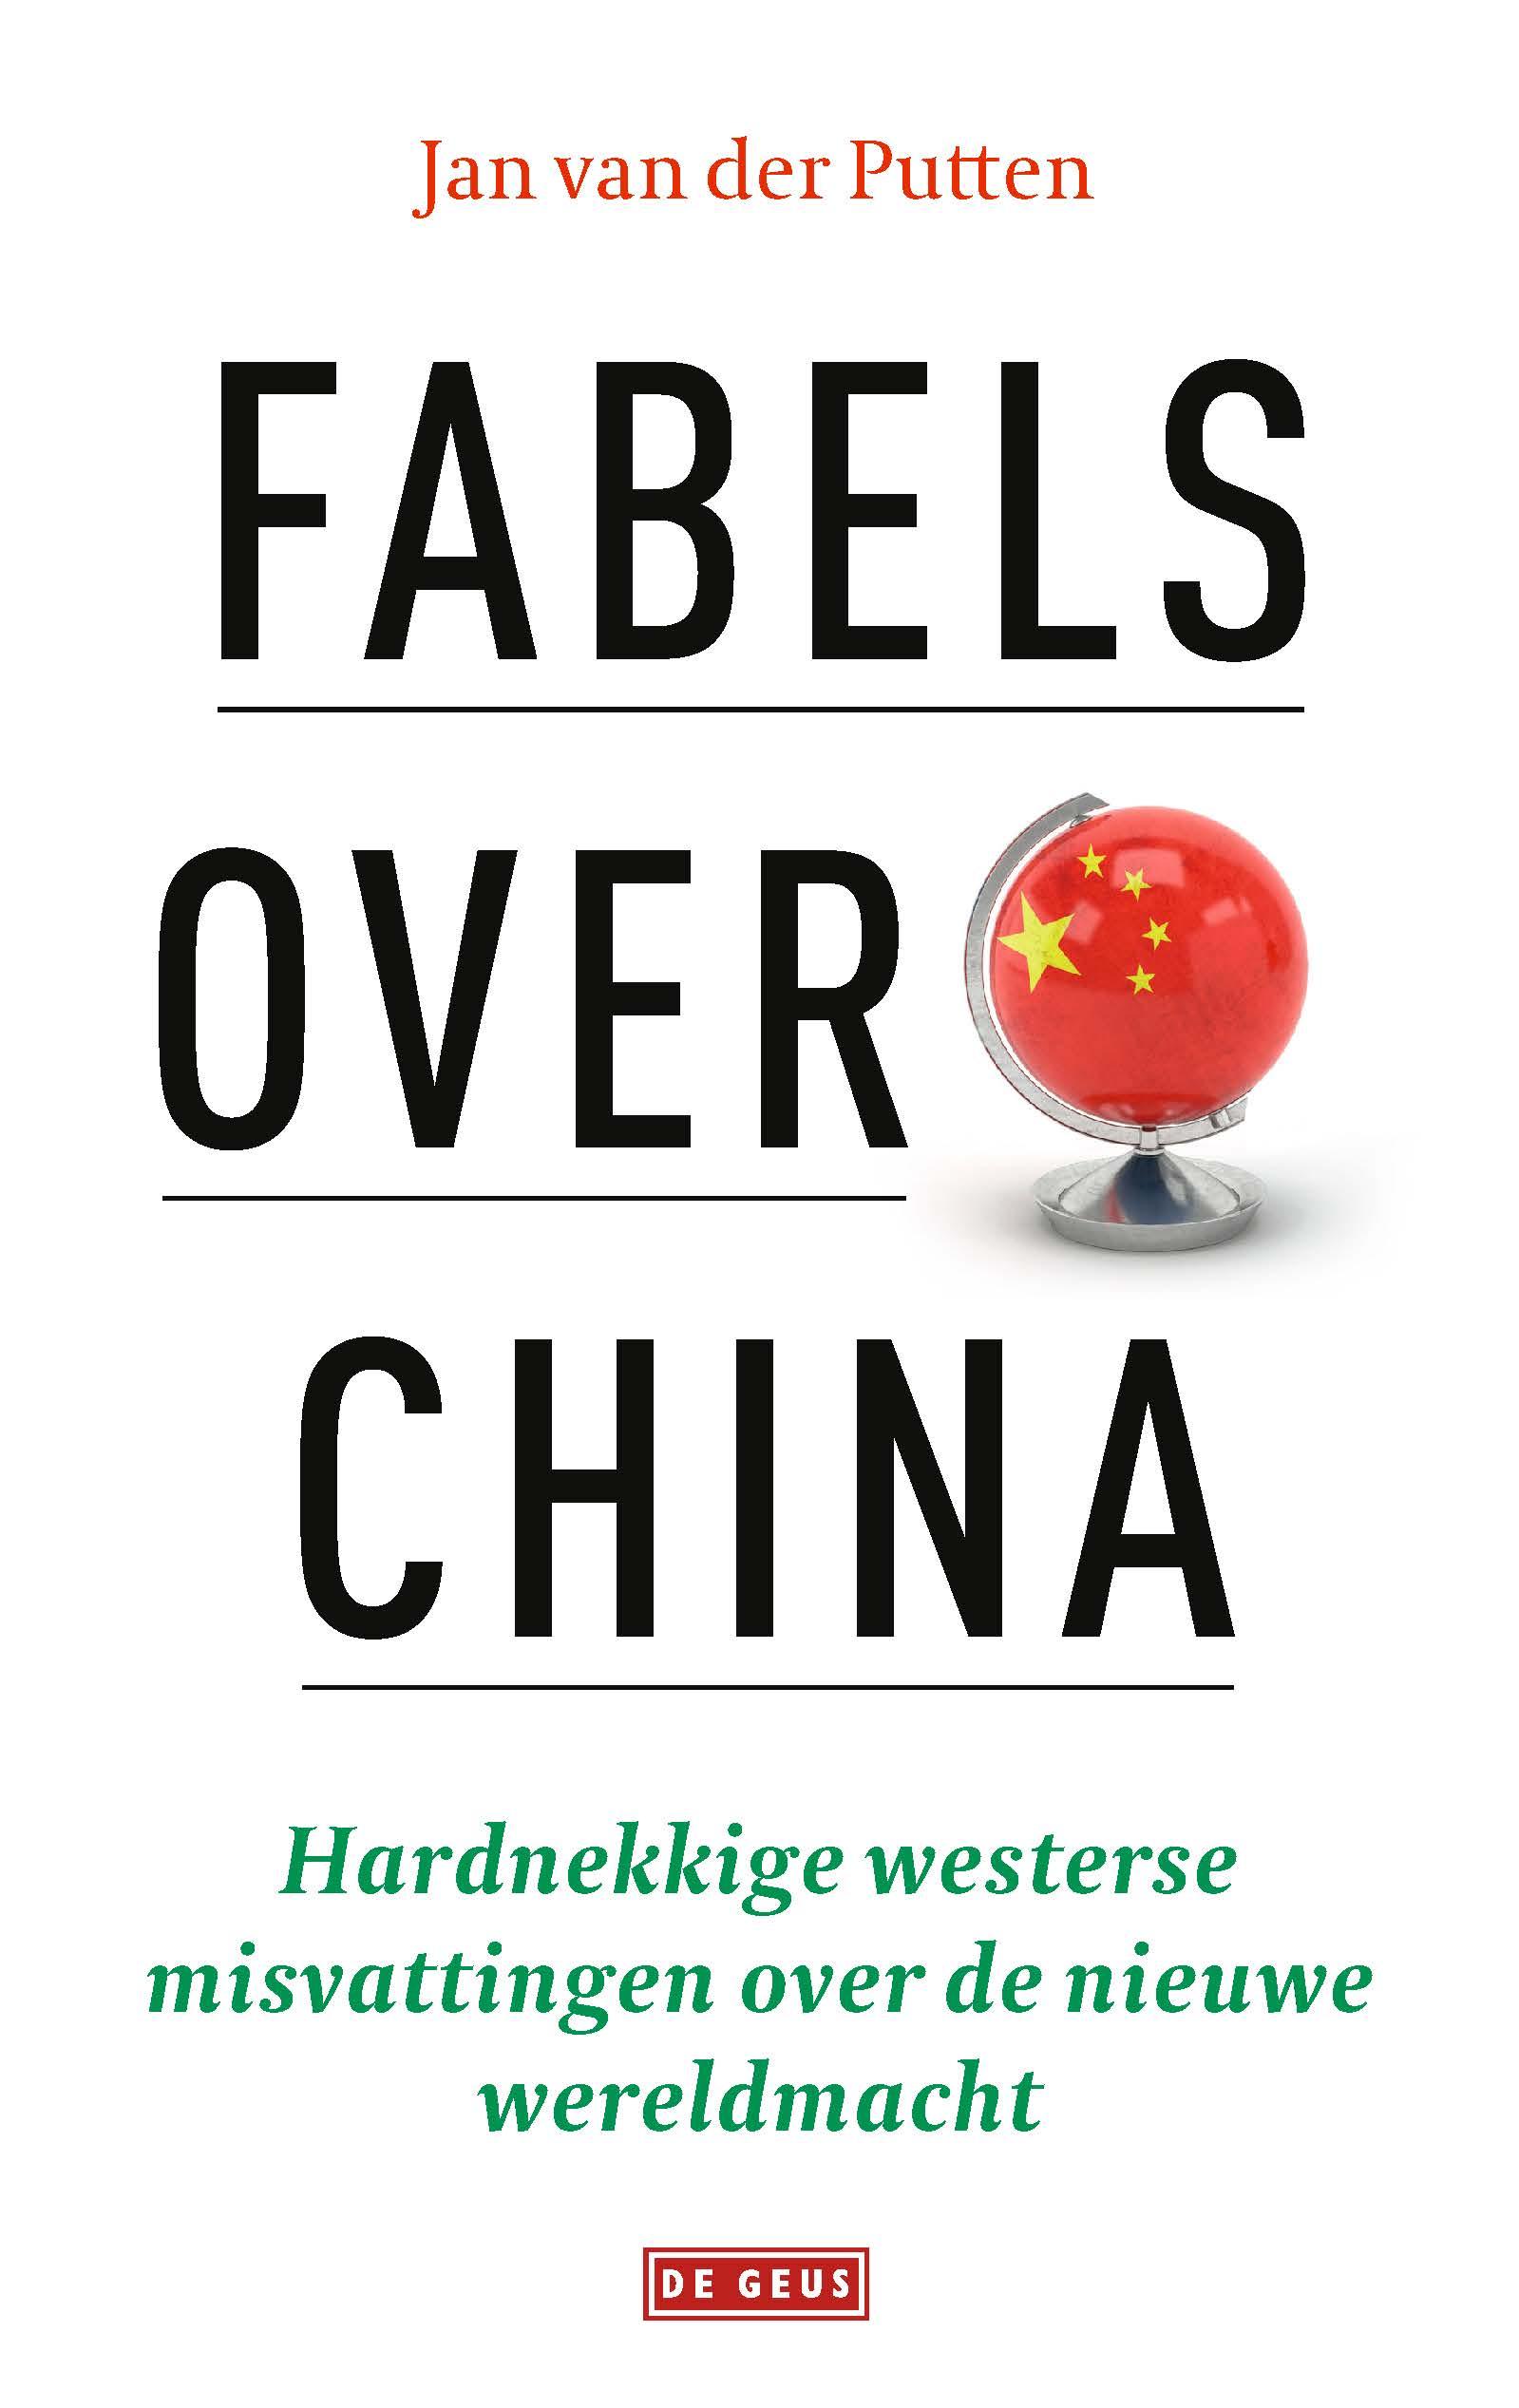 In de etalage: Willem Offenberg in gesprek met Jan van der Putten over 'Fabels over China'